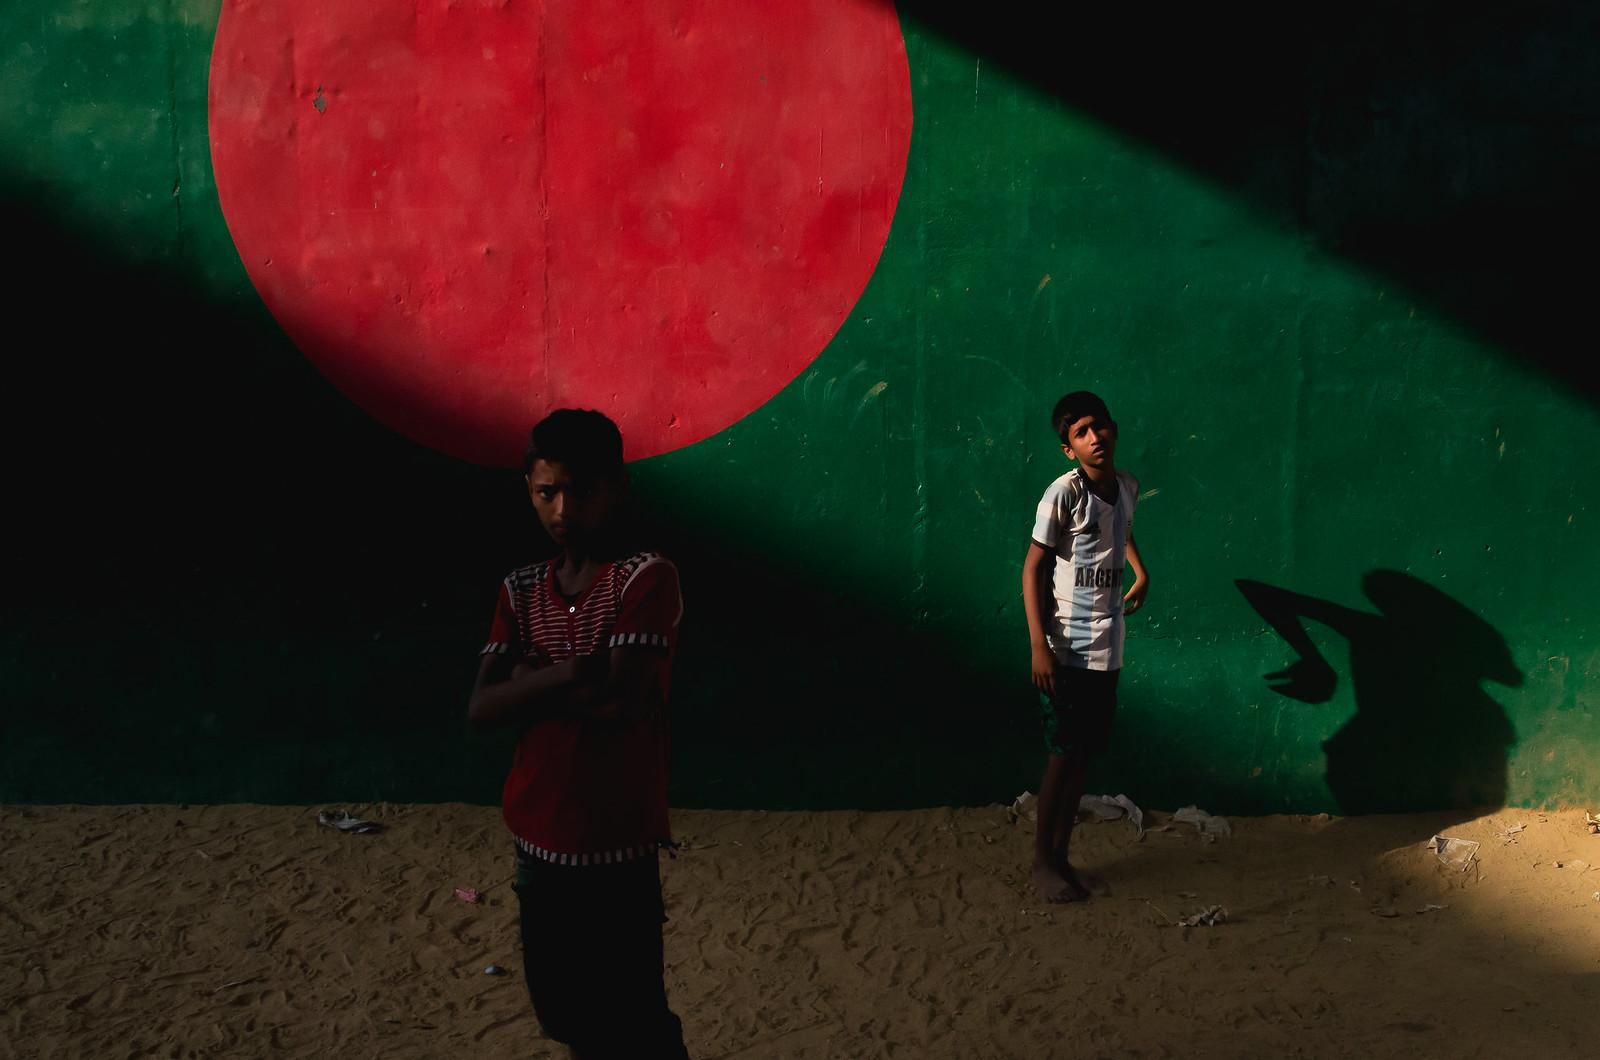 ... | by Faisal Bin Rahman